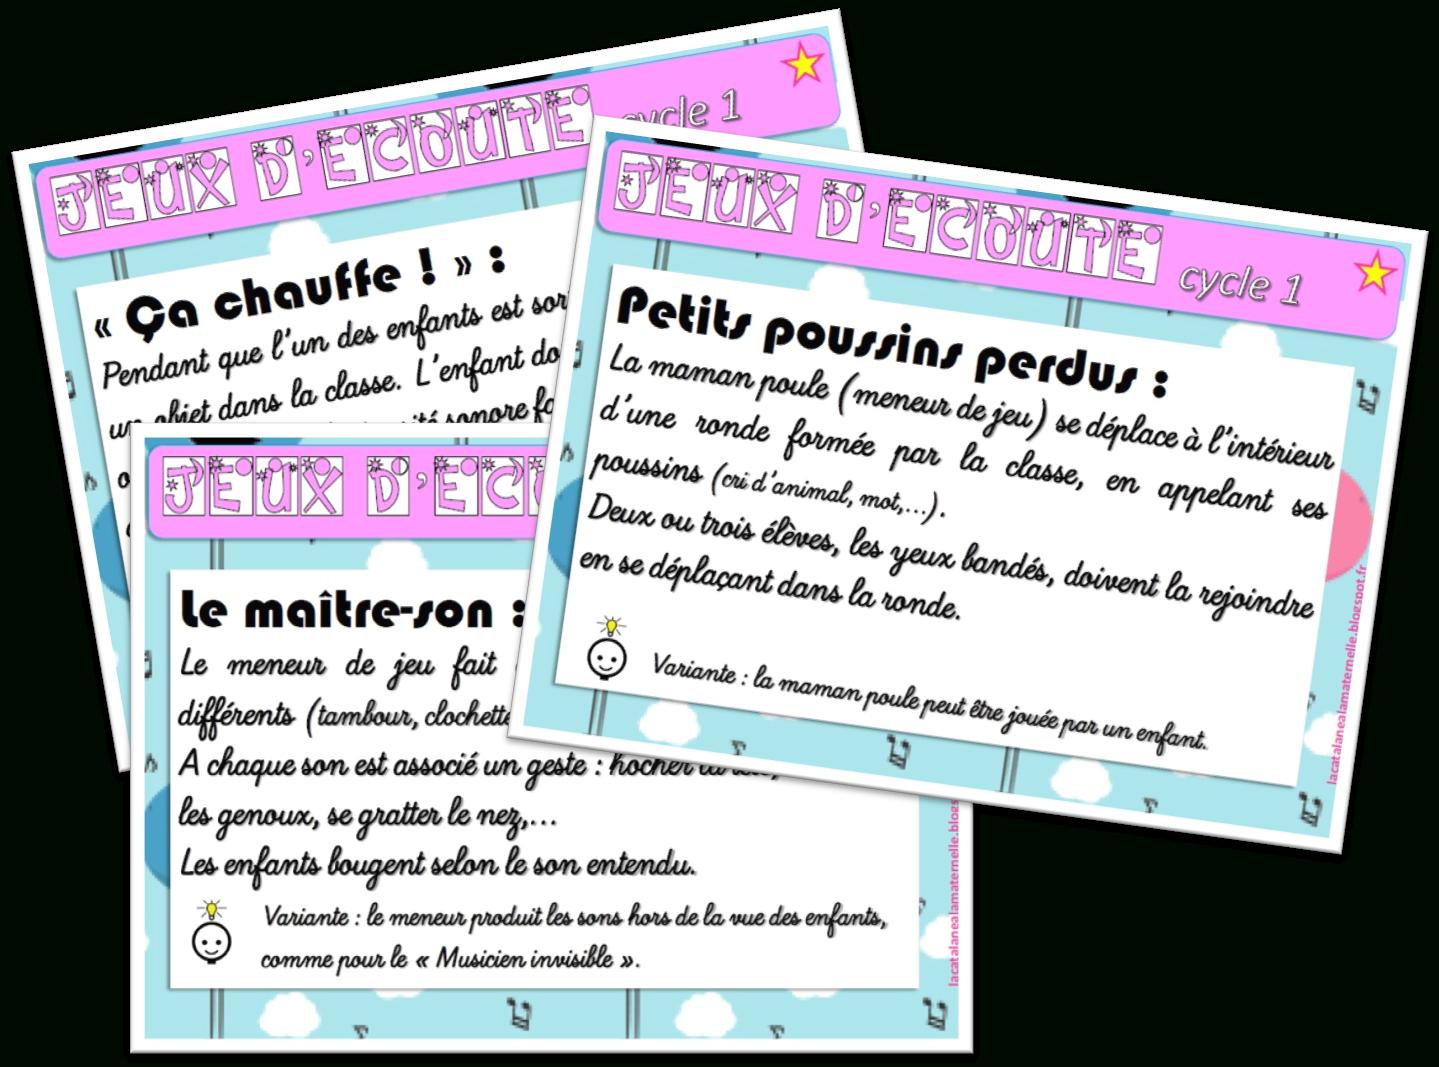 Lacatalane À La Maternelle: Jeux D'écoute Pour La Maternelle pour Jeux Pour Petite Section